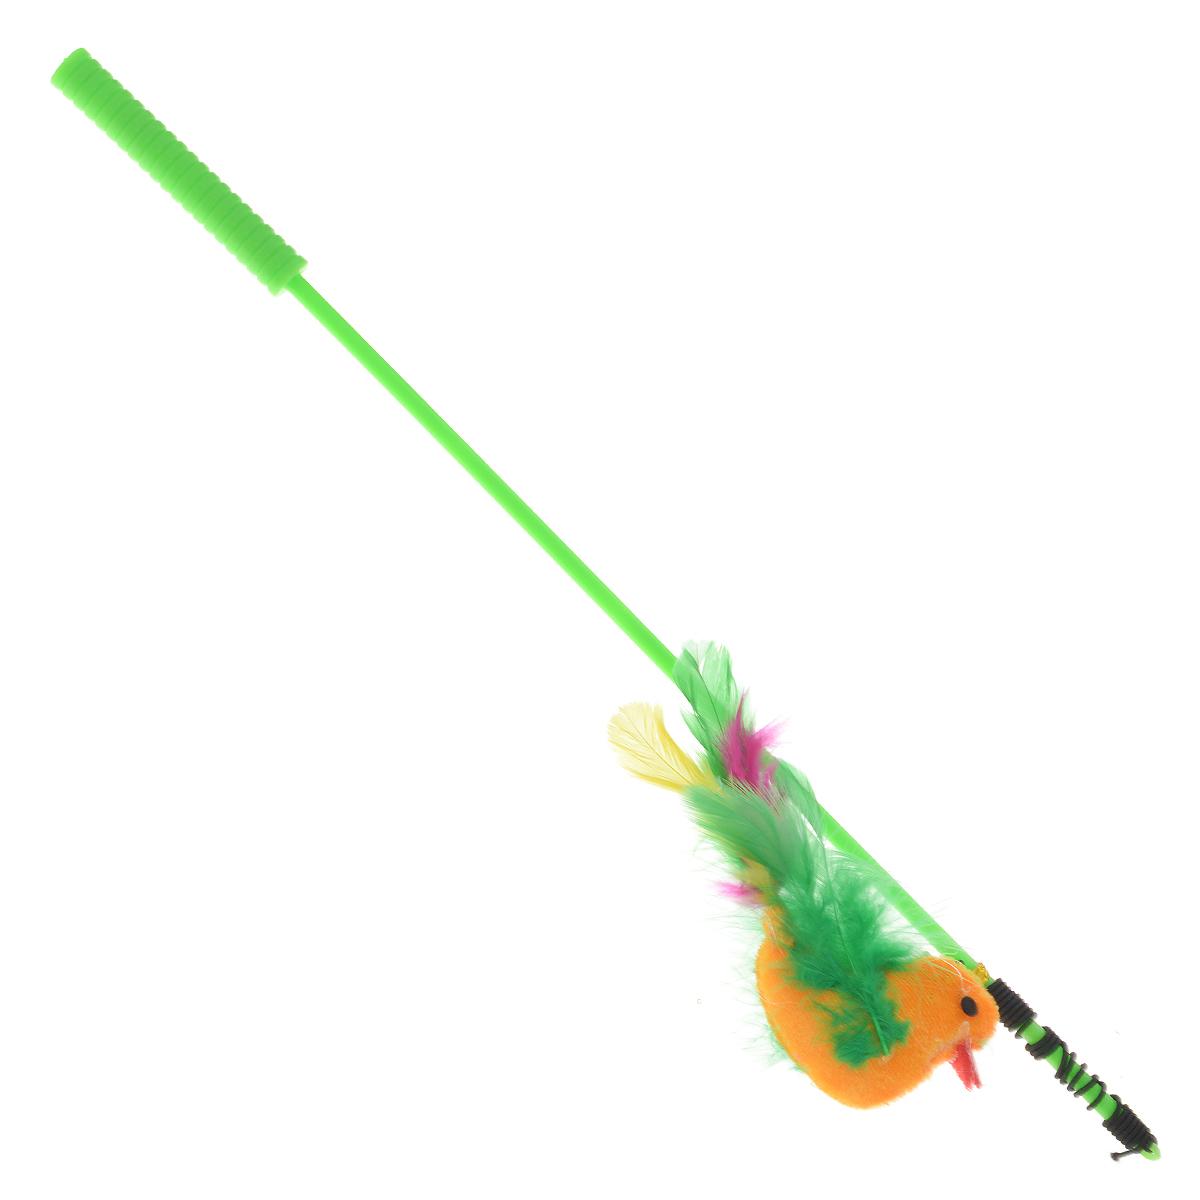 Дразнилка-удочка для кошек V.I.Pet Птица с перьями, цвет: салатовый дразнилка удочка для кошки грызлик ам шарик eco с перьями длина палочки 40 см